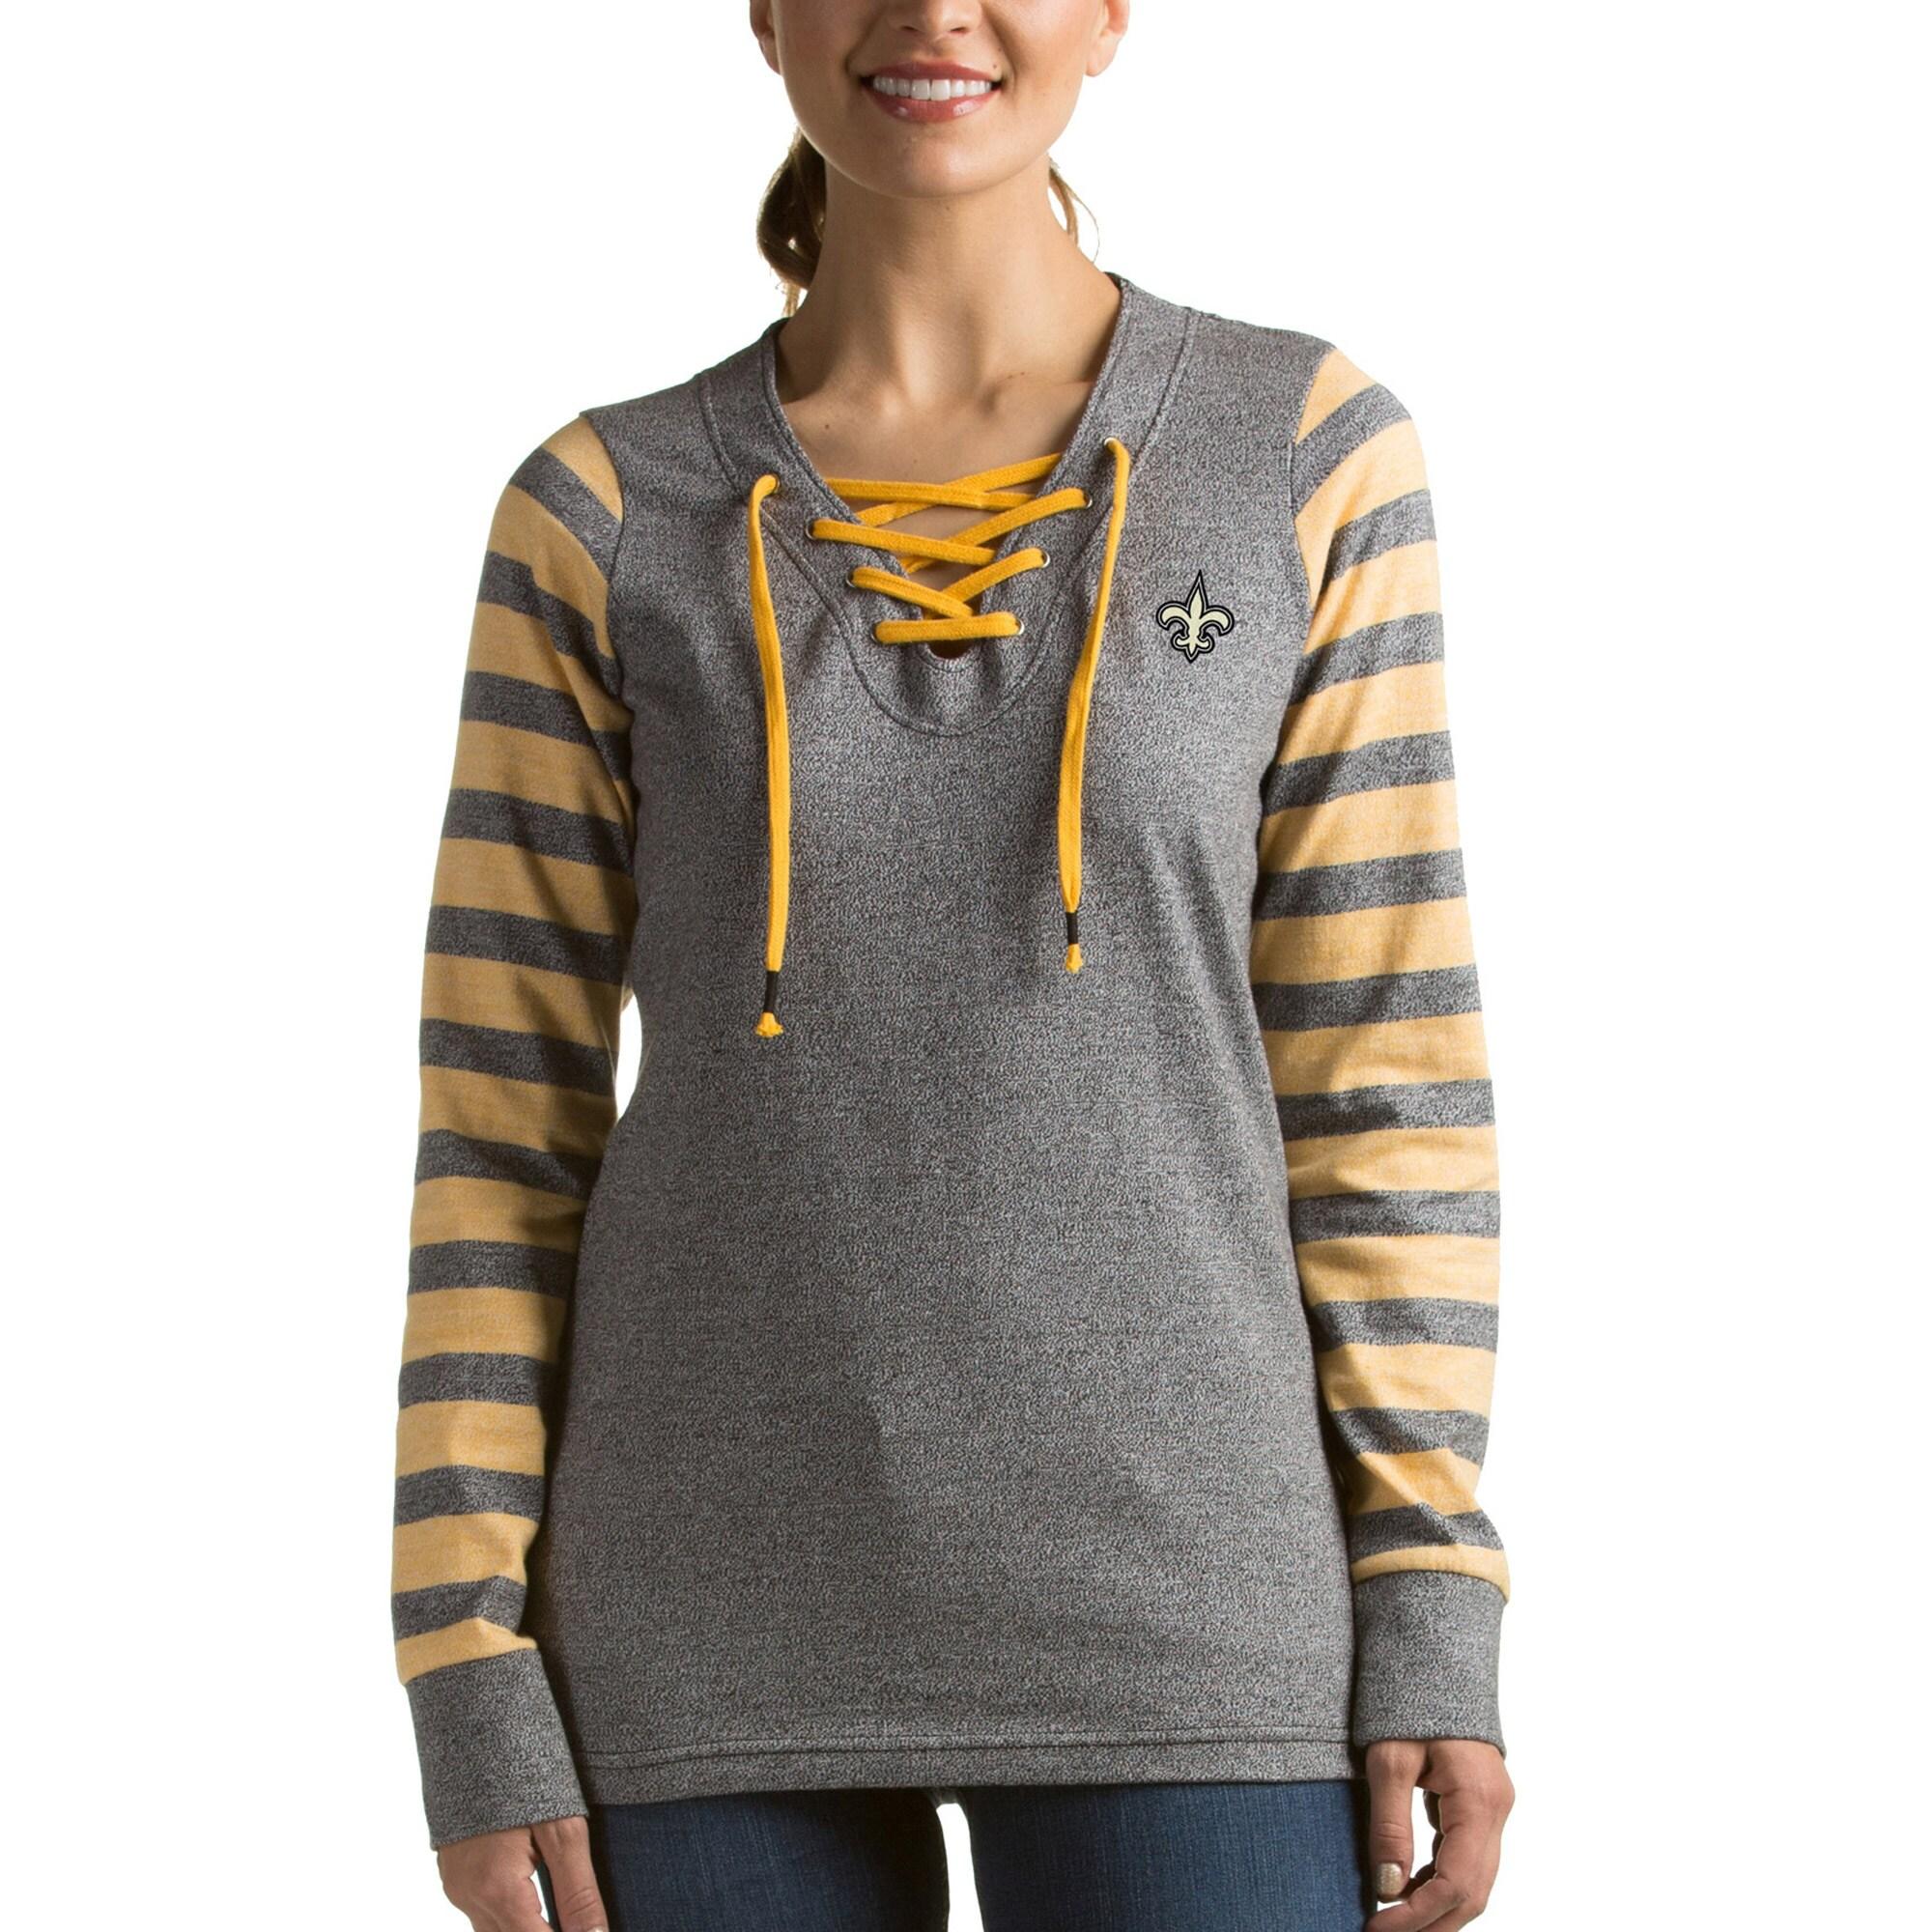 New Orleans Saints Antigua Women's Rumble Lace-Up Sweatshirt - Black